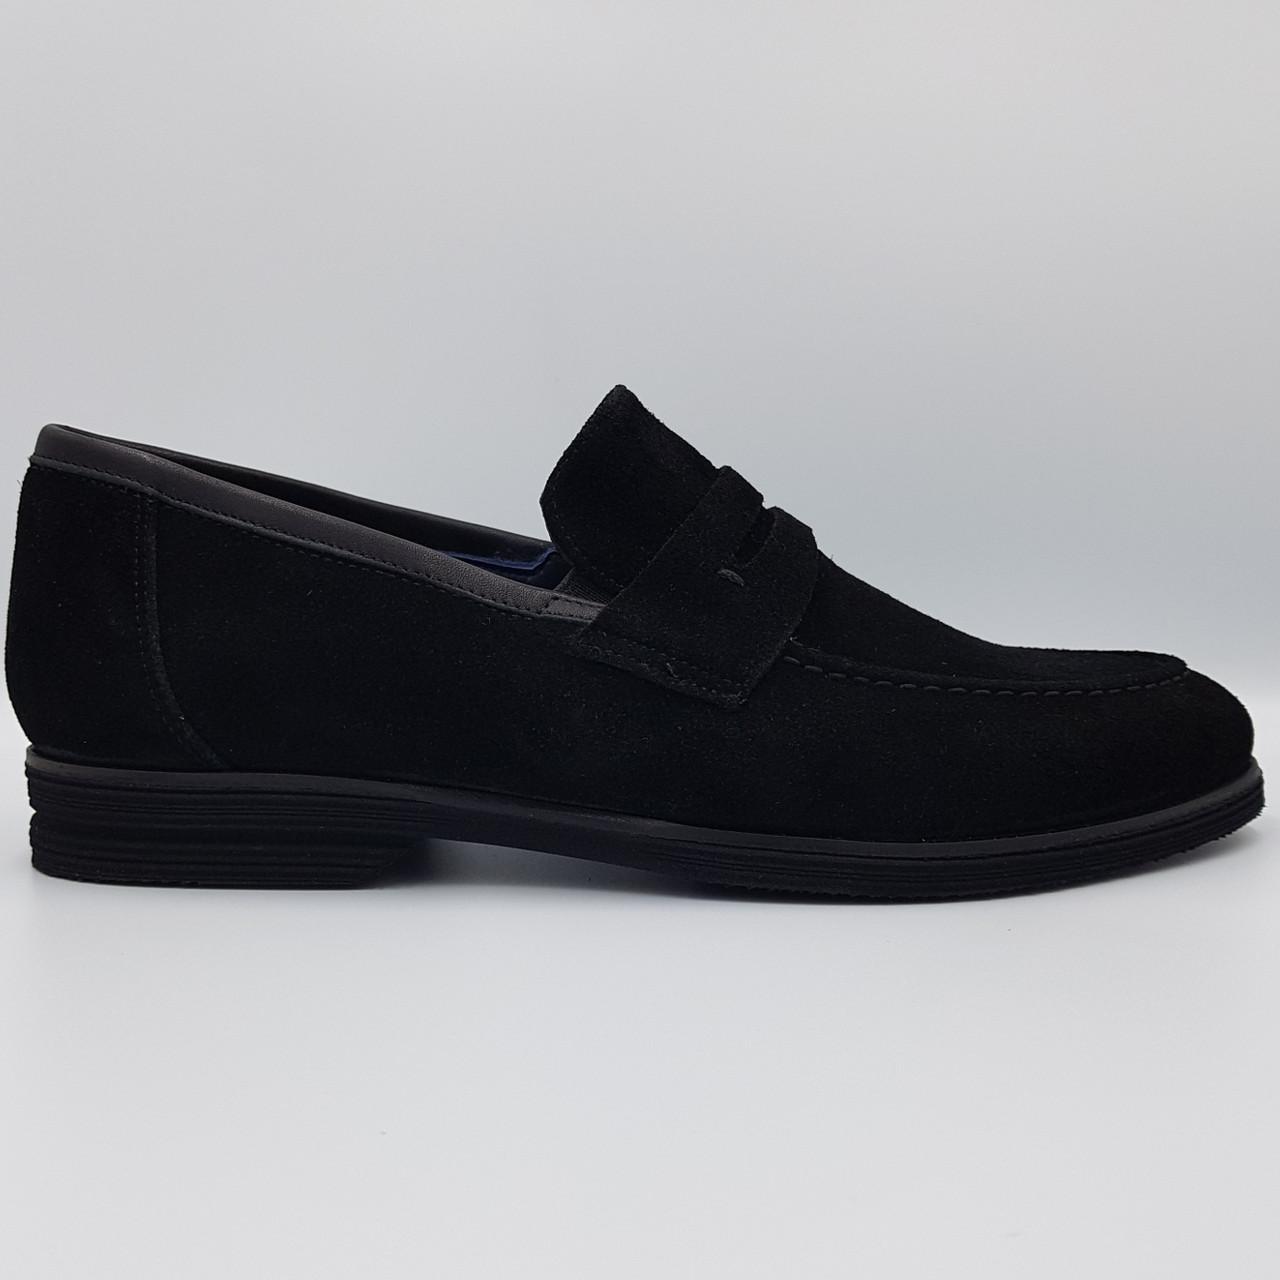 Мужские замшевые туфли лоферы Luciano Bellini черные L0024/24